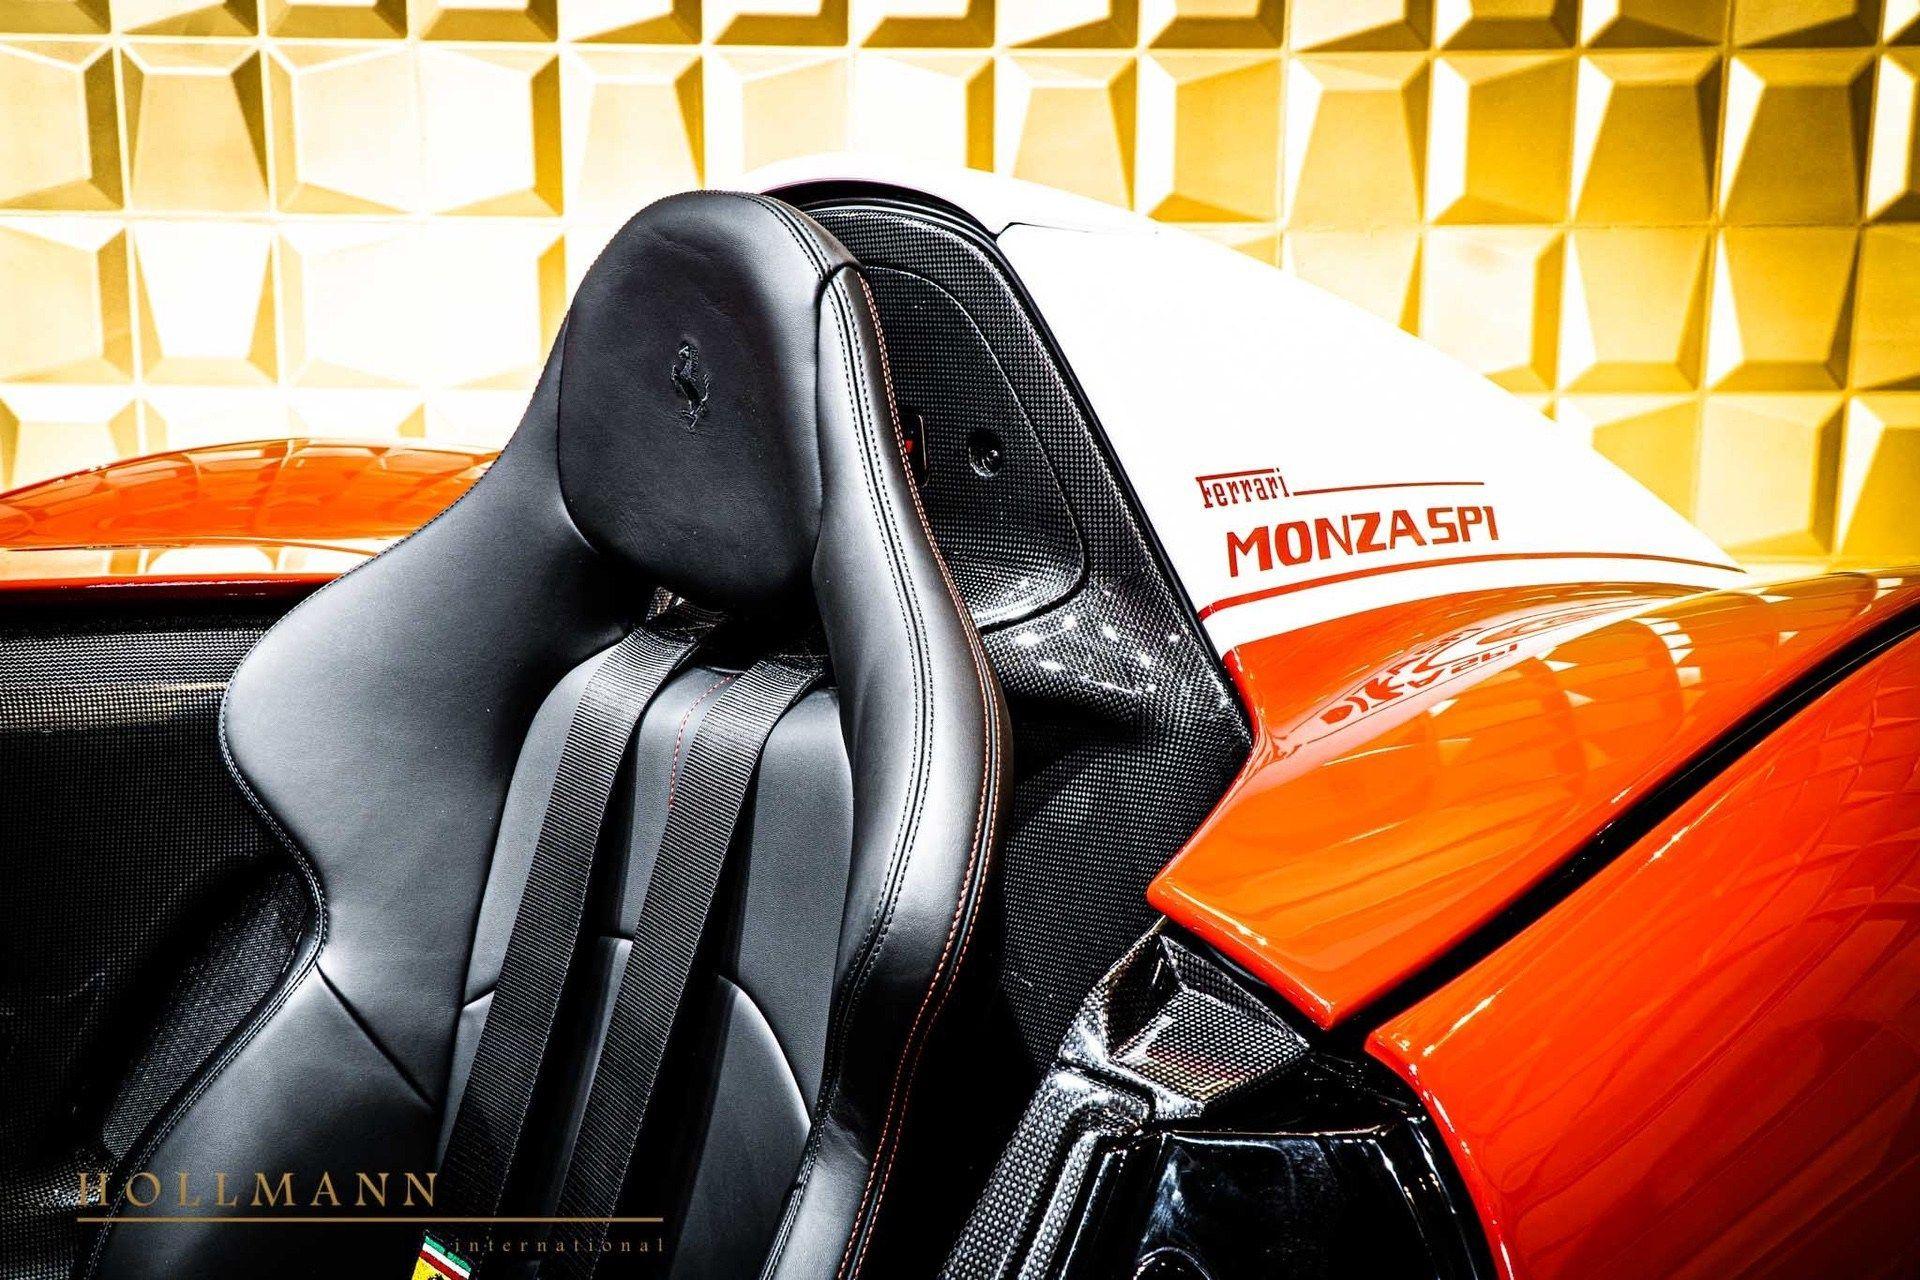 Ferrari_Monza_SP1_sale0006